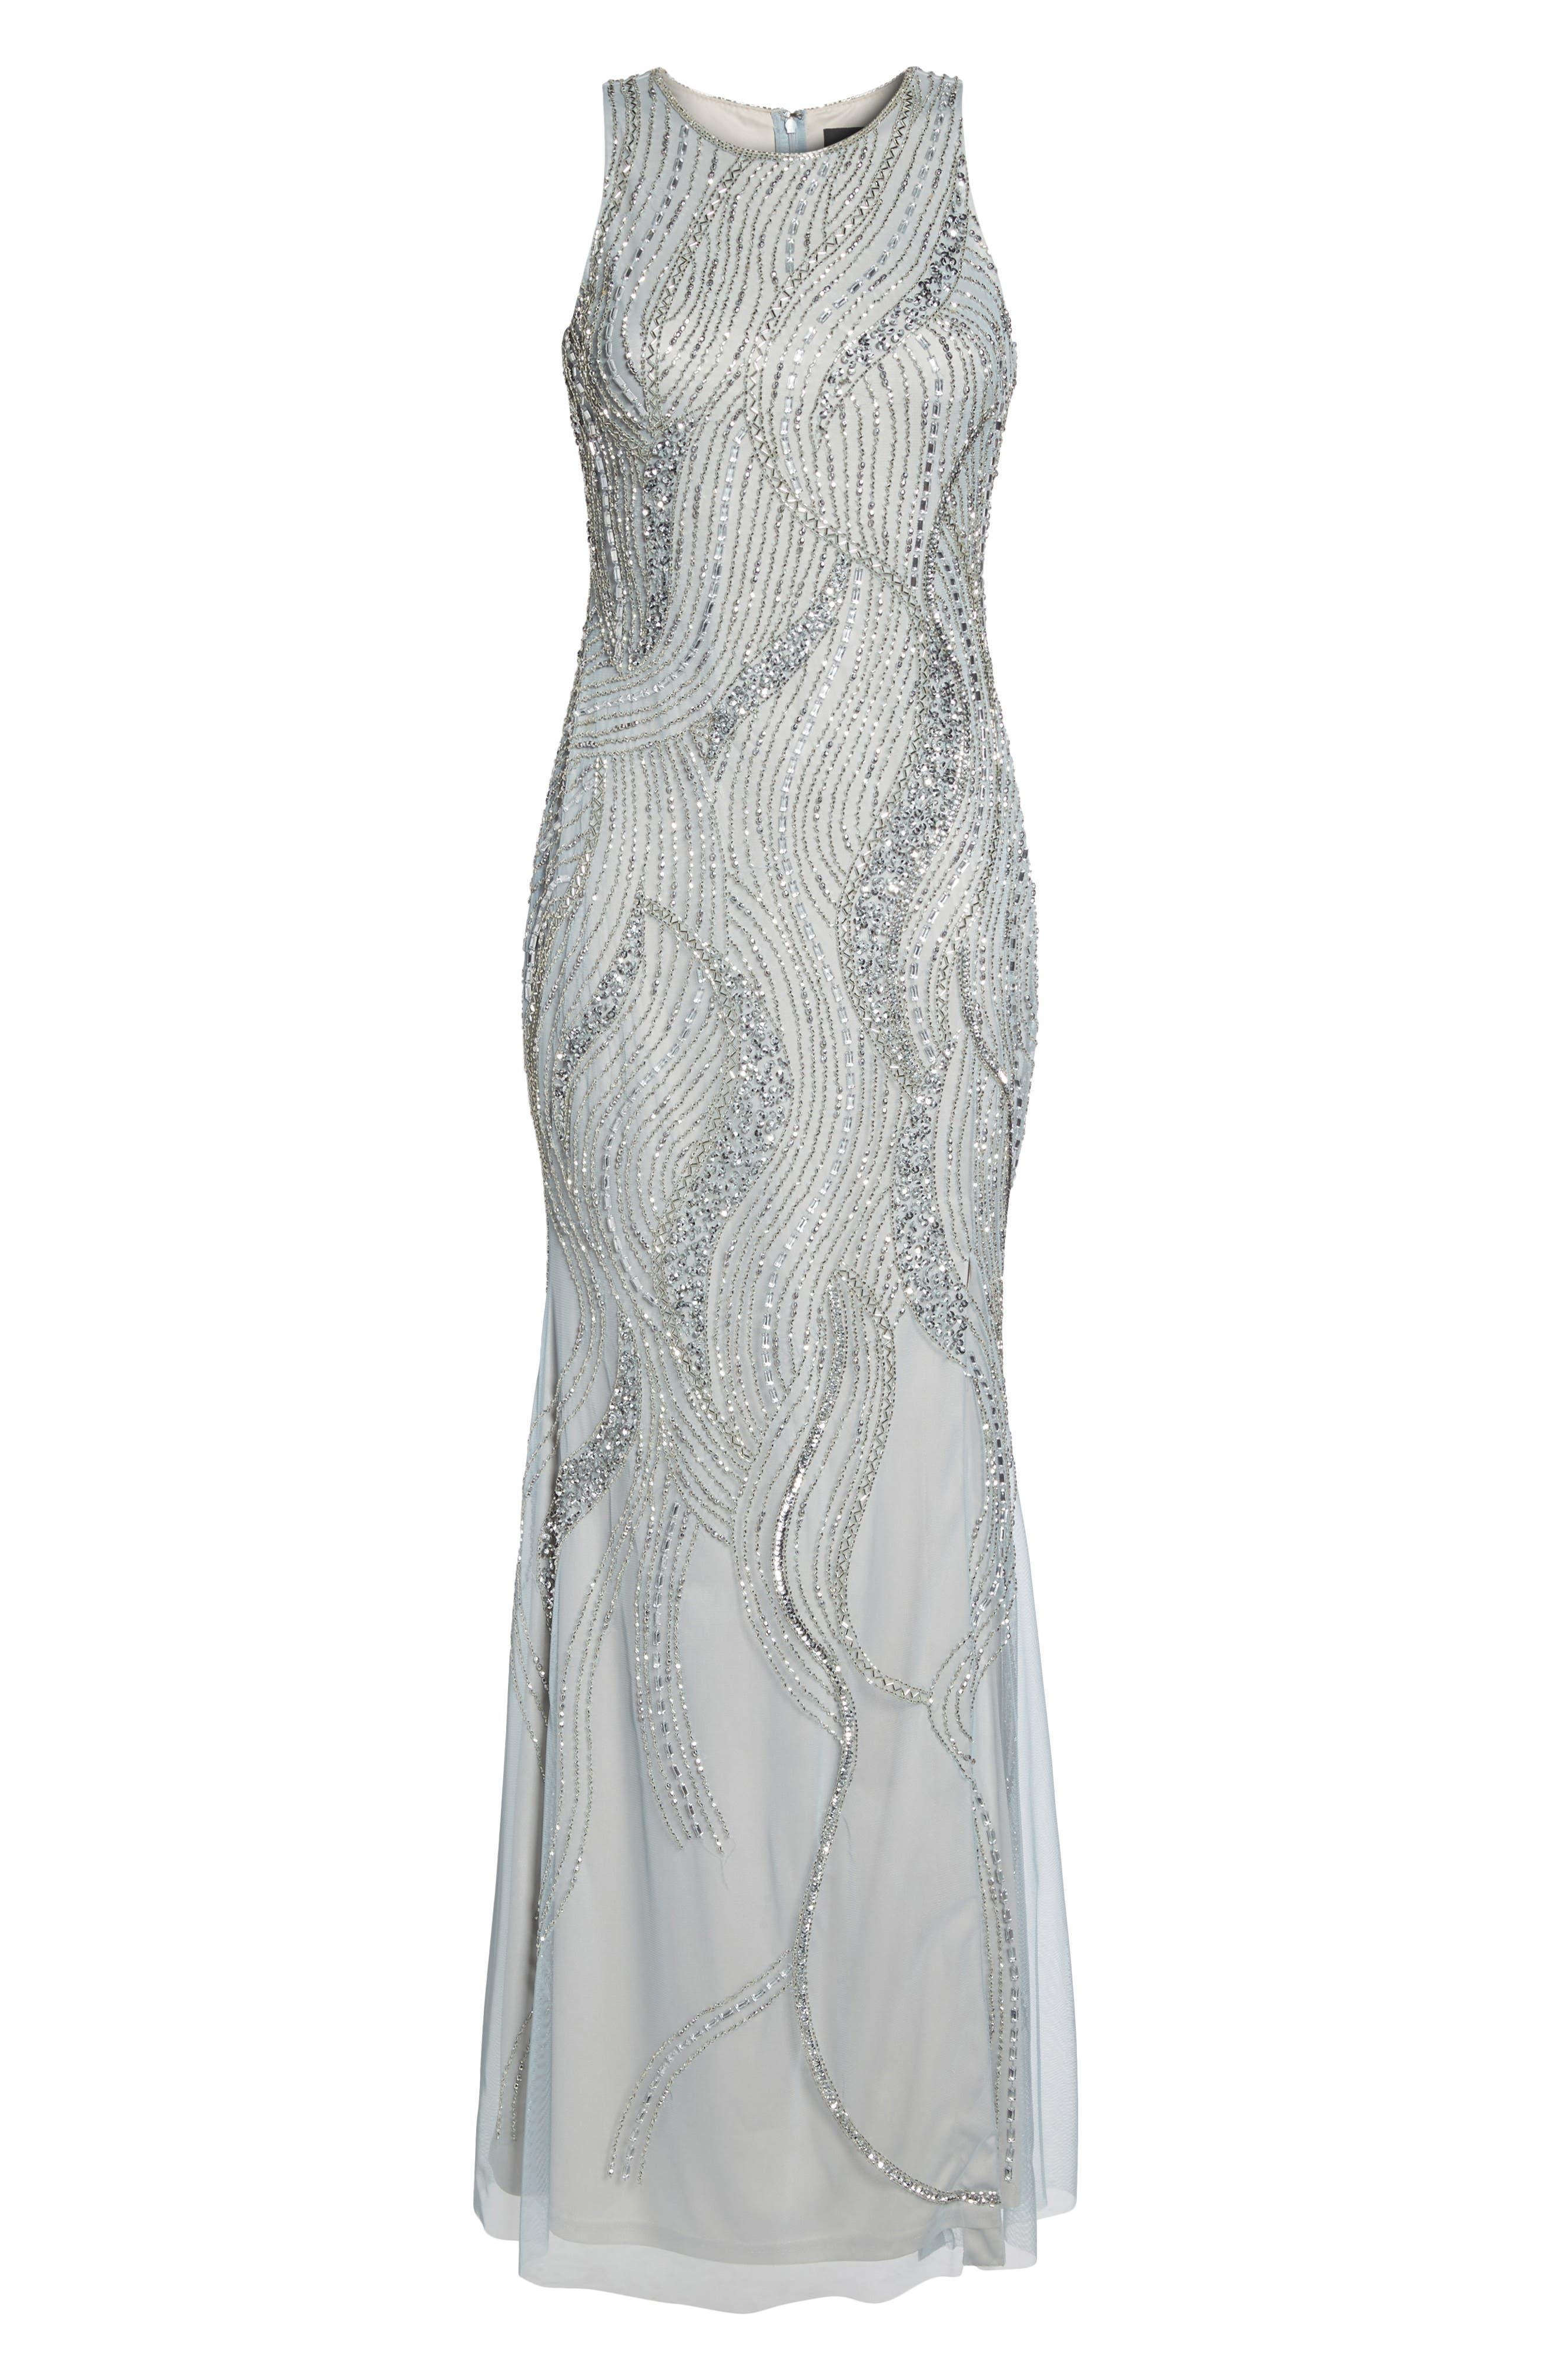 Swirl Beaded Long Dress,                             Alternate thumbnail 6, color,                             040